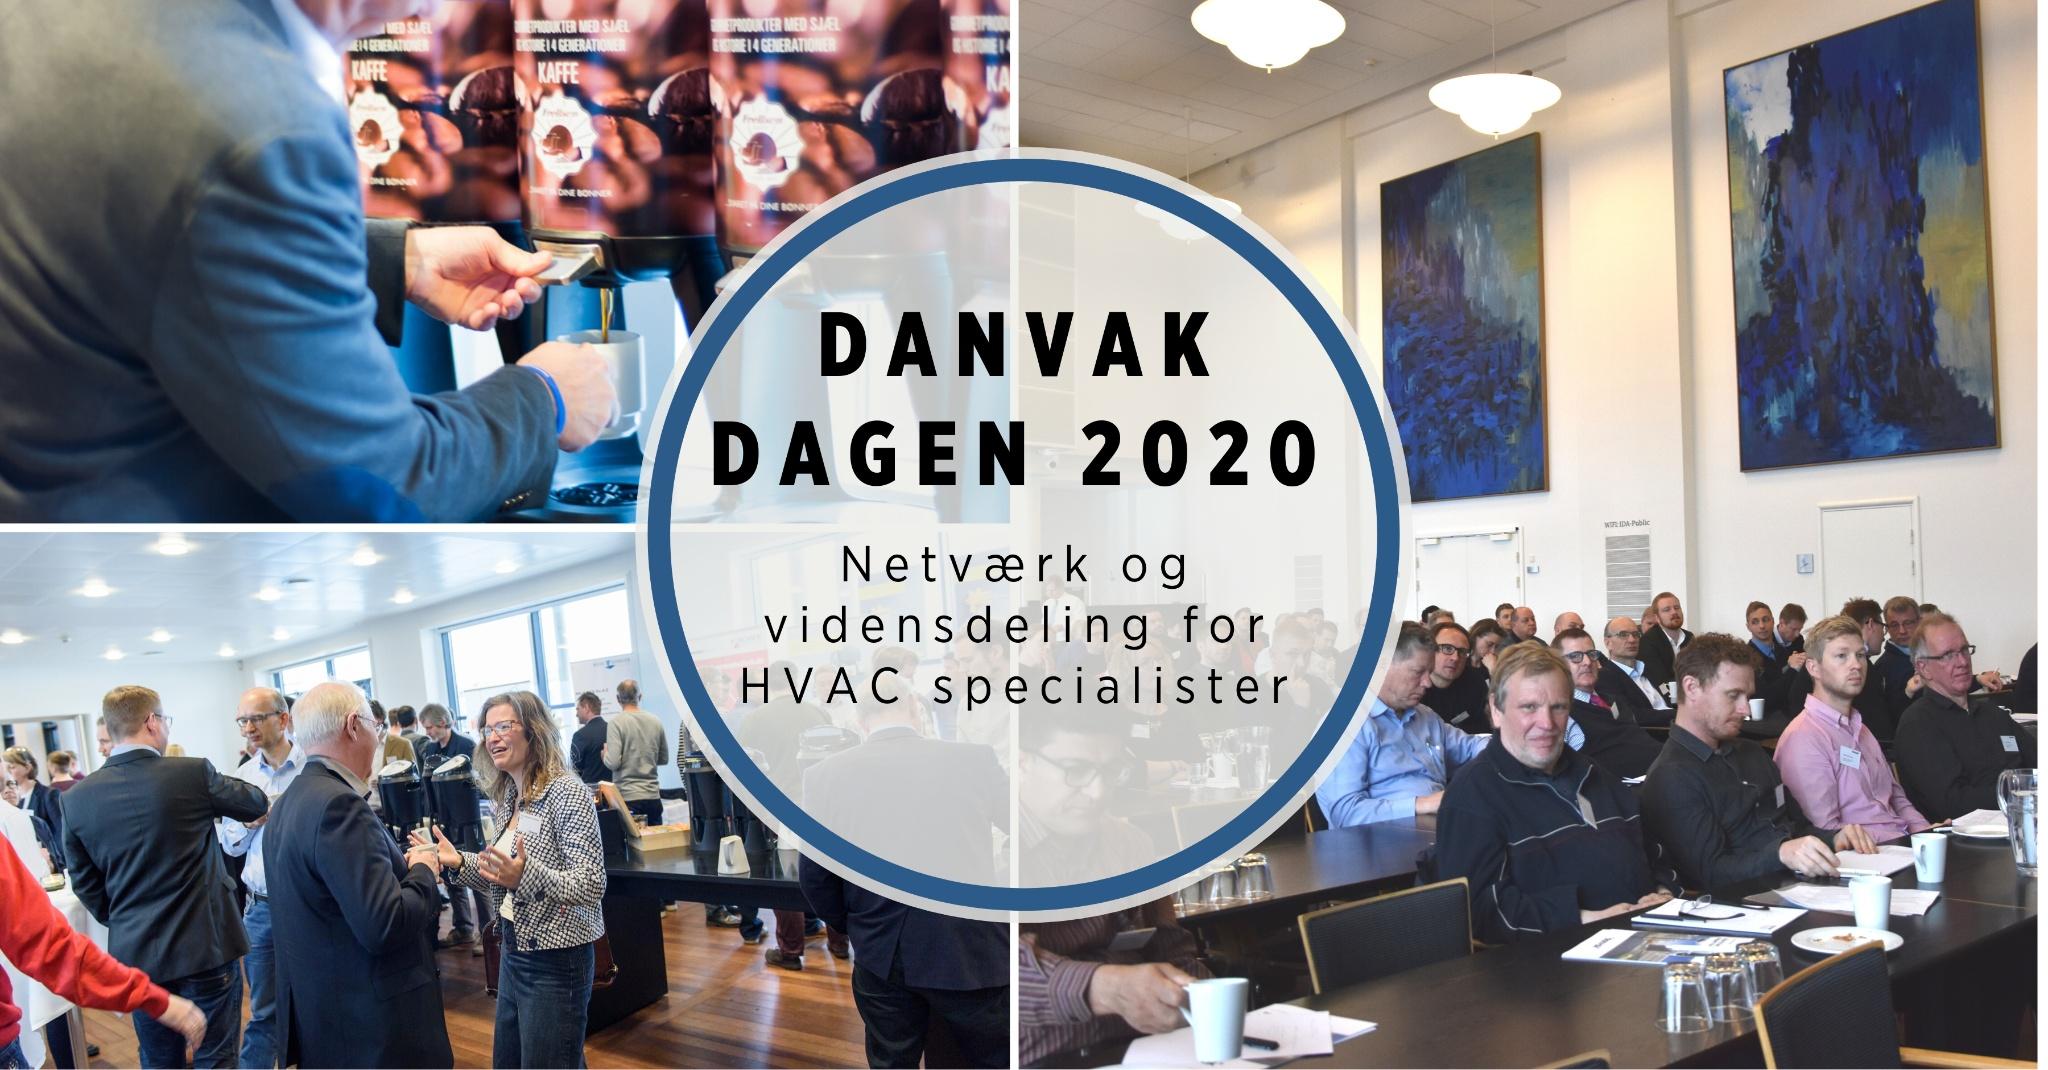 Nu kan du endelig netværke med andre HVAC specialister igen!